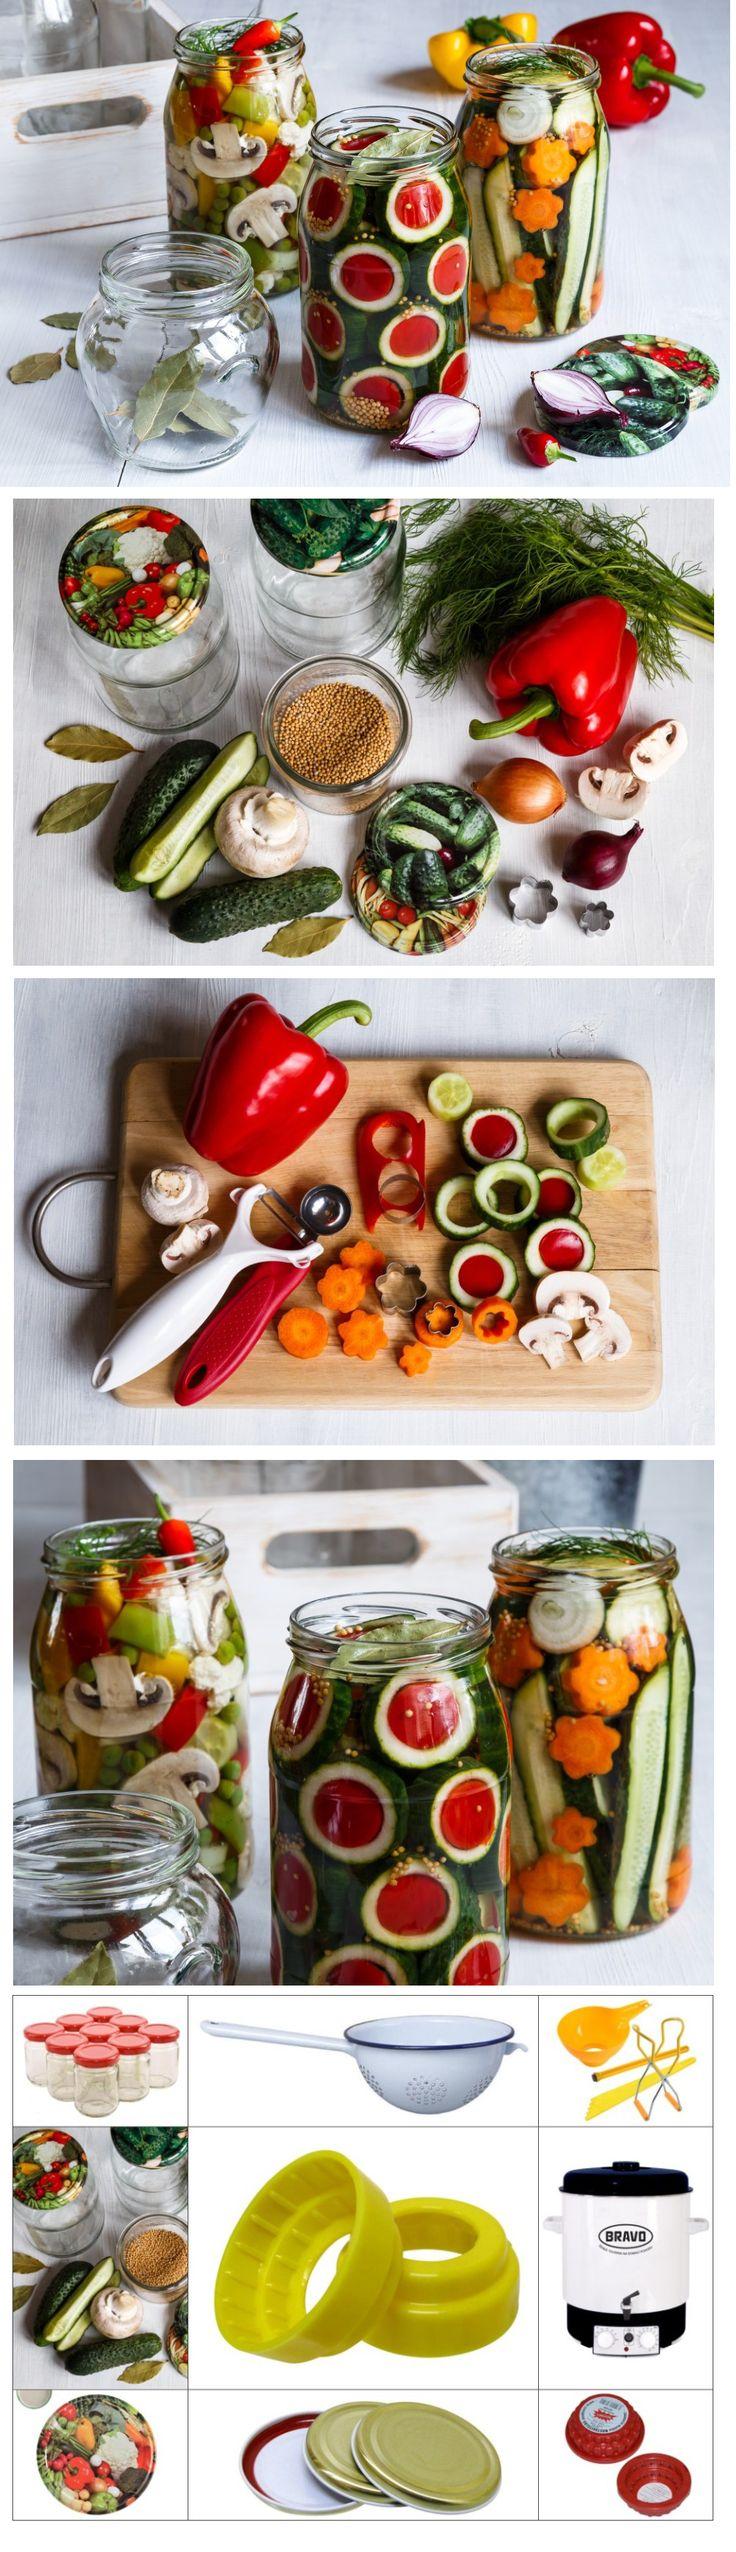 Malá umělecká díla se dají vykouzlit i při zavařování. Stačí si vzít na pomoc vykrajovátka a krásné sklenice. Sklenice se šroubovacími víčky najdete na e-shopu a recept na chutnou zeleninu na blogu.